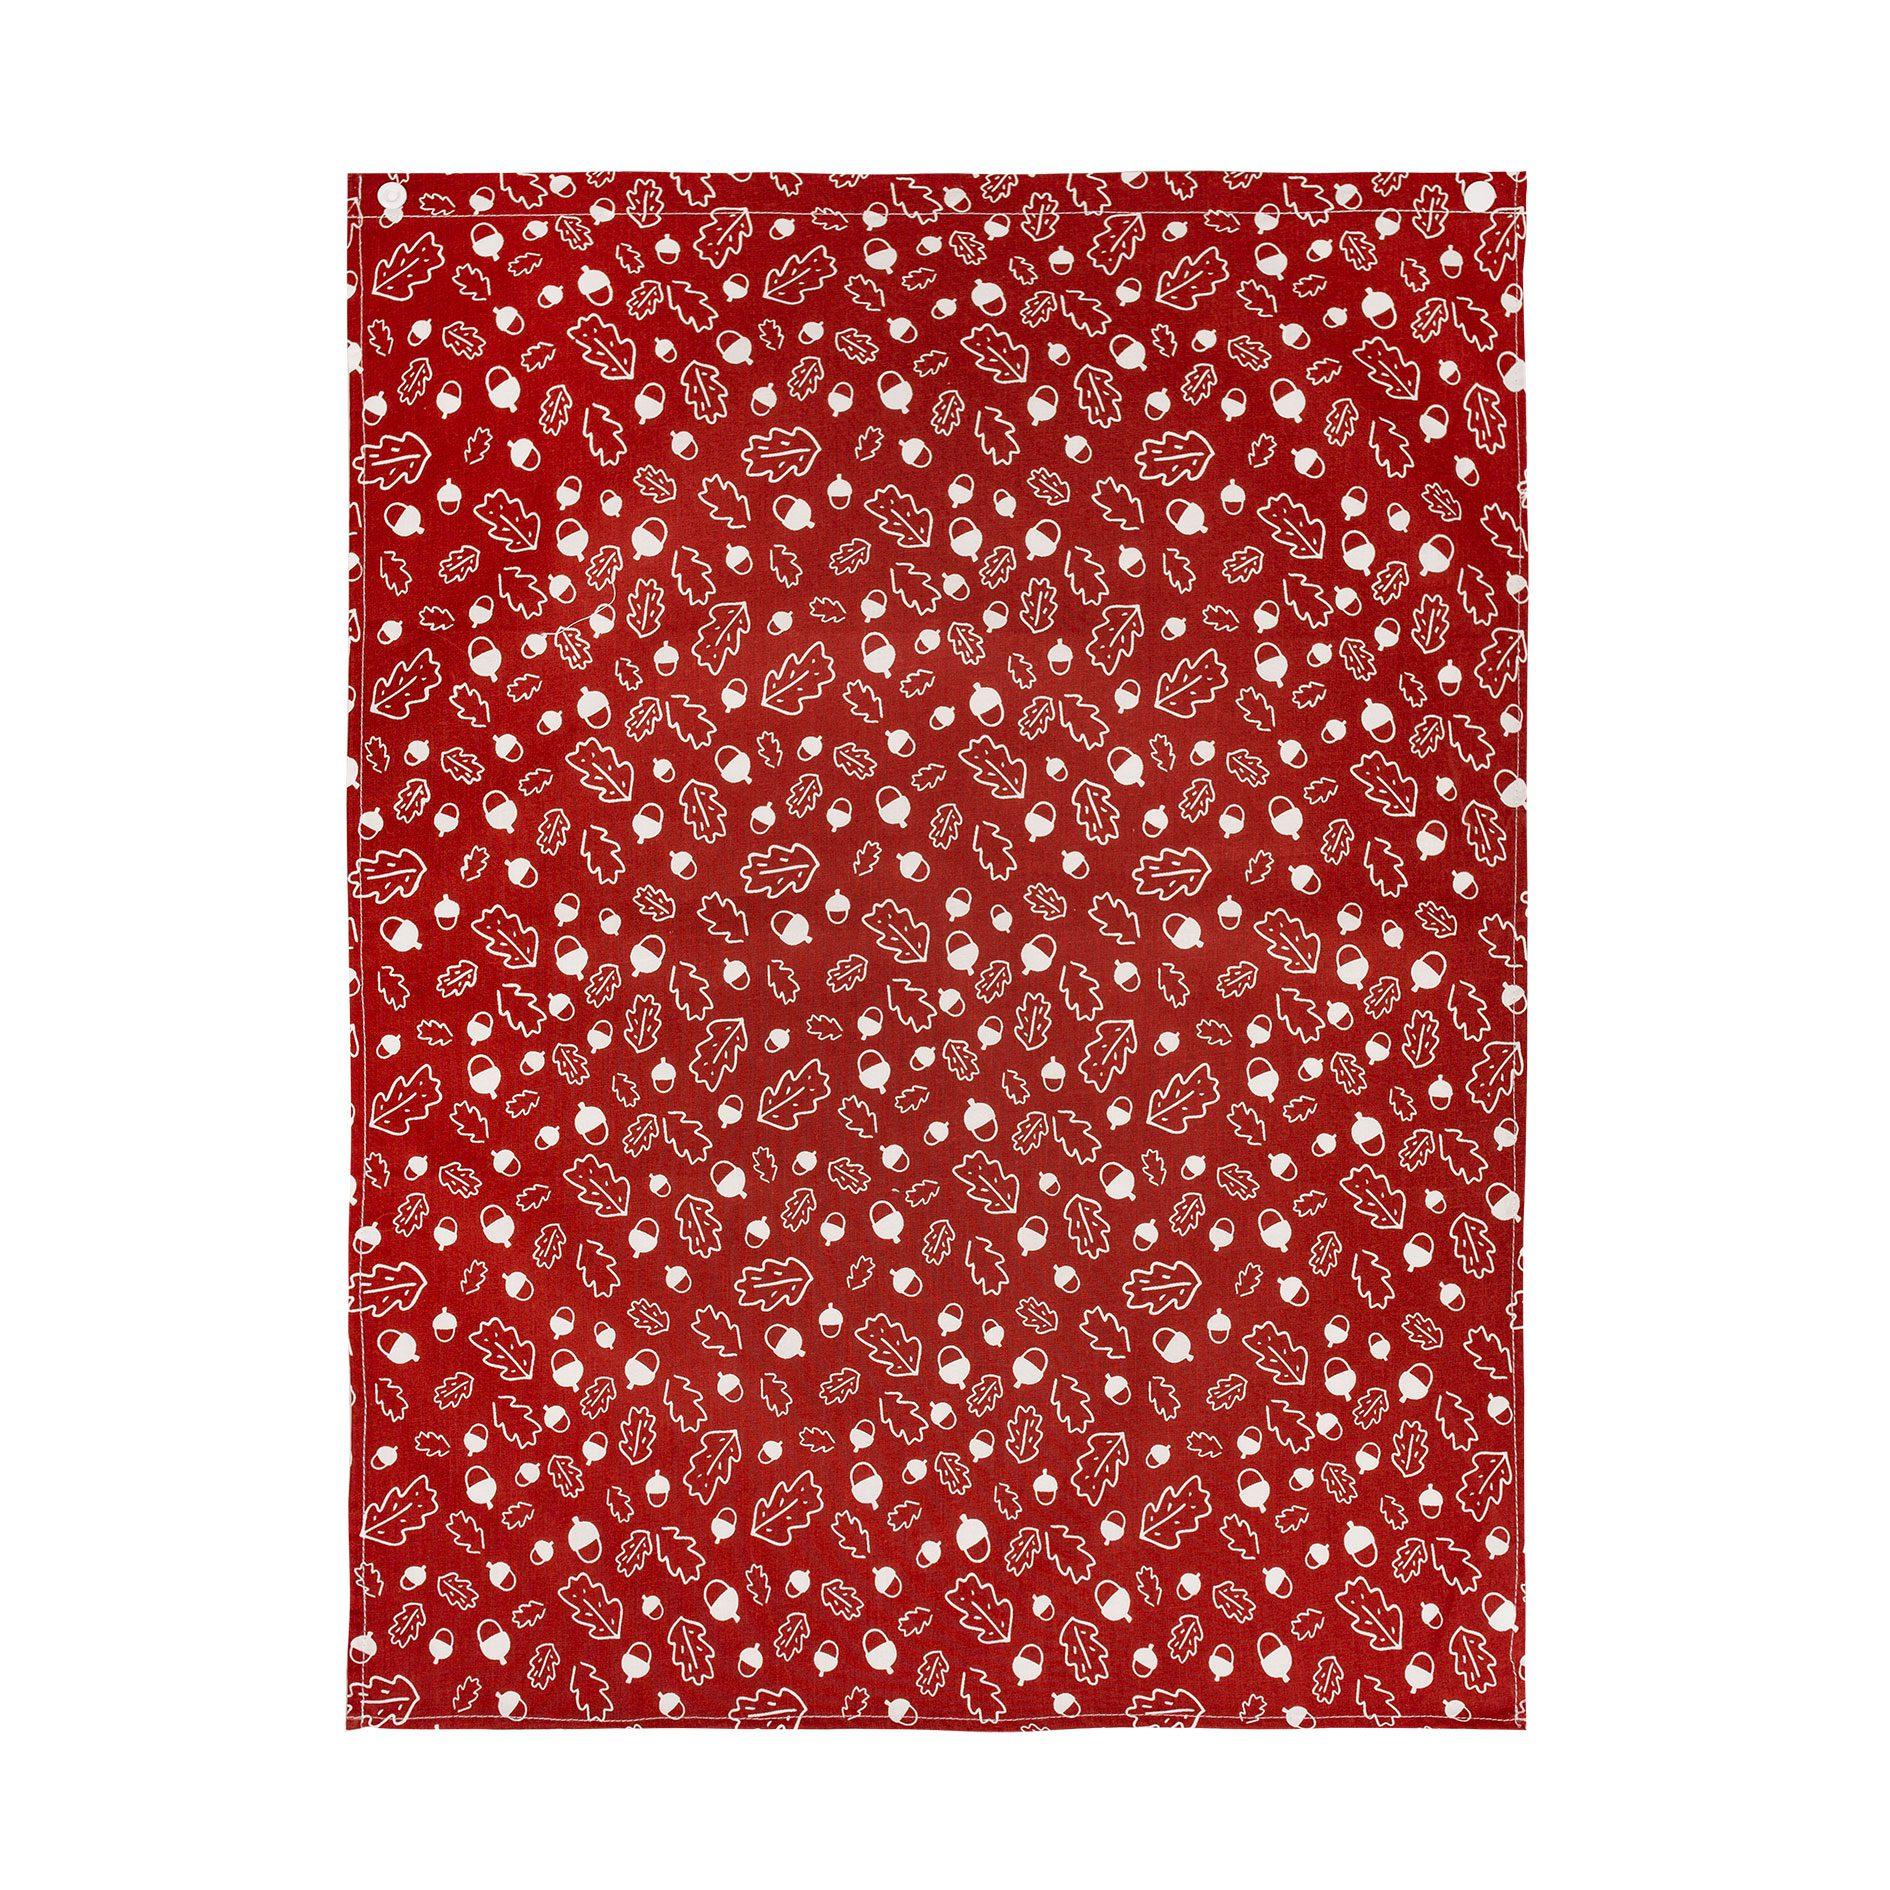 serviette de table en coton biologique chêne chabadabada